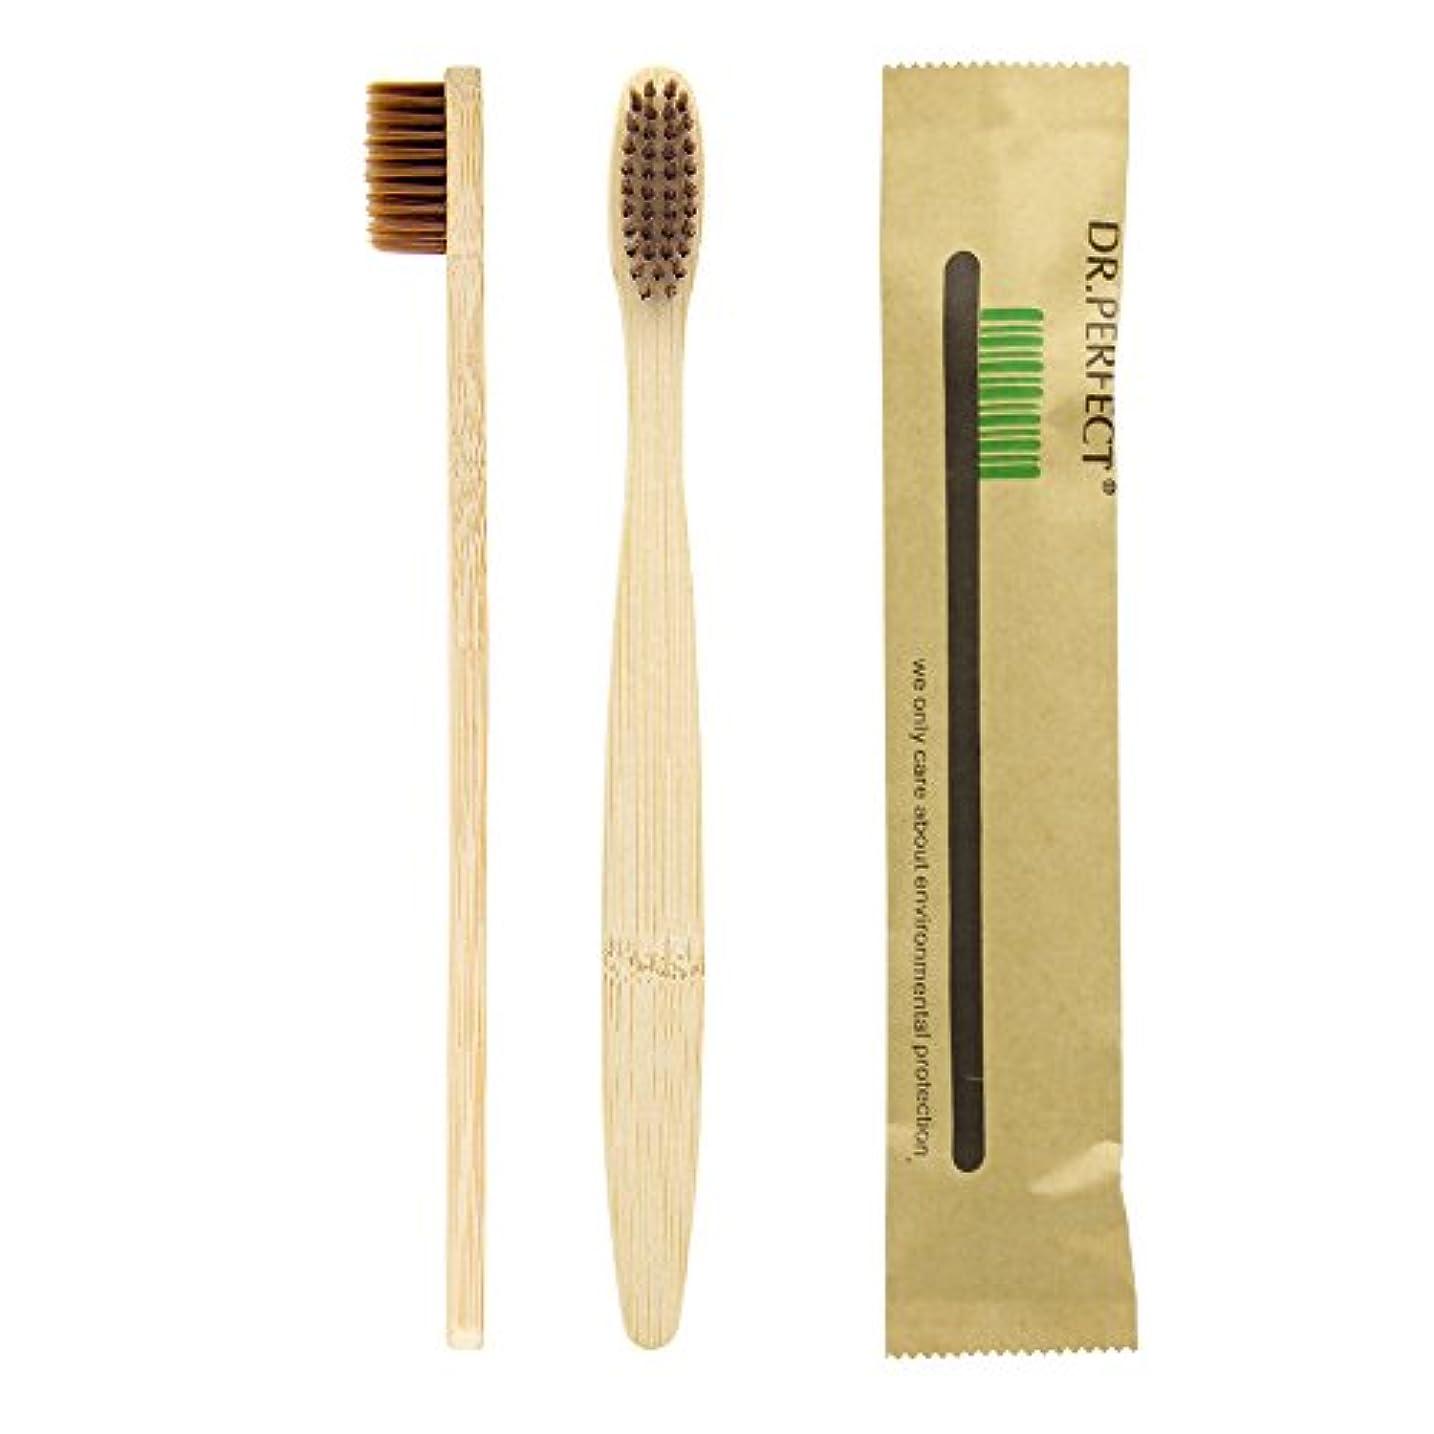 Dr.Perfect歯ブラシ竹製歯ブラシアダルト竹の歯ブラシ ナイロン毛 環境保護の歯ブラシ (ブラウン)